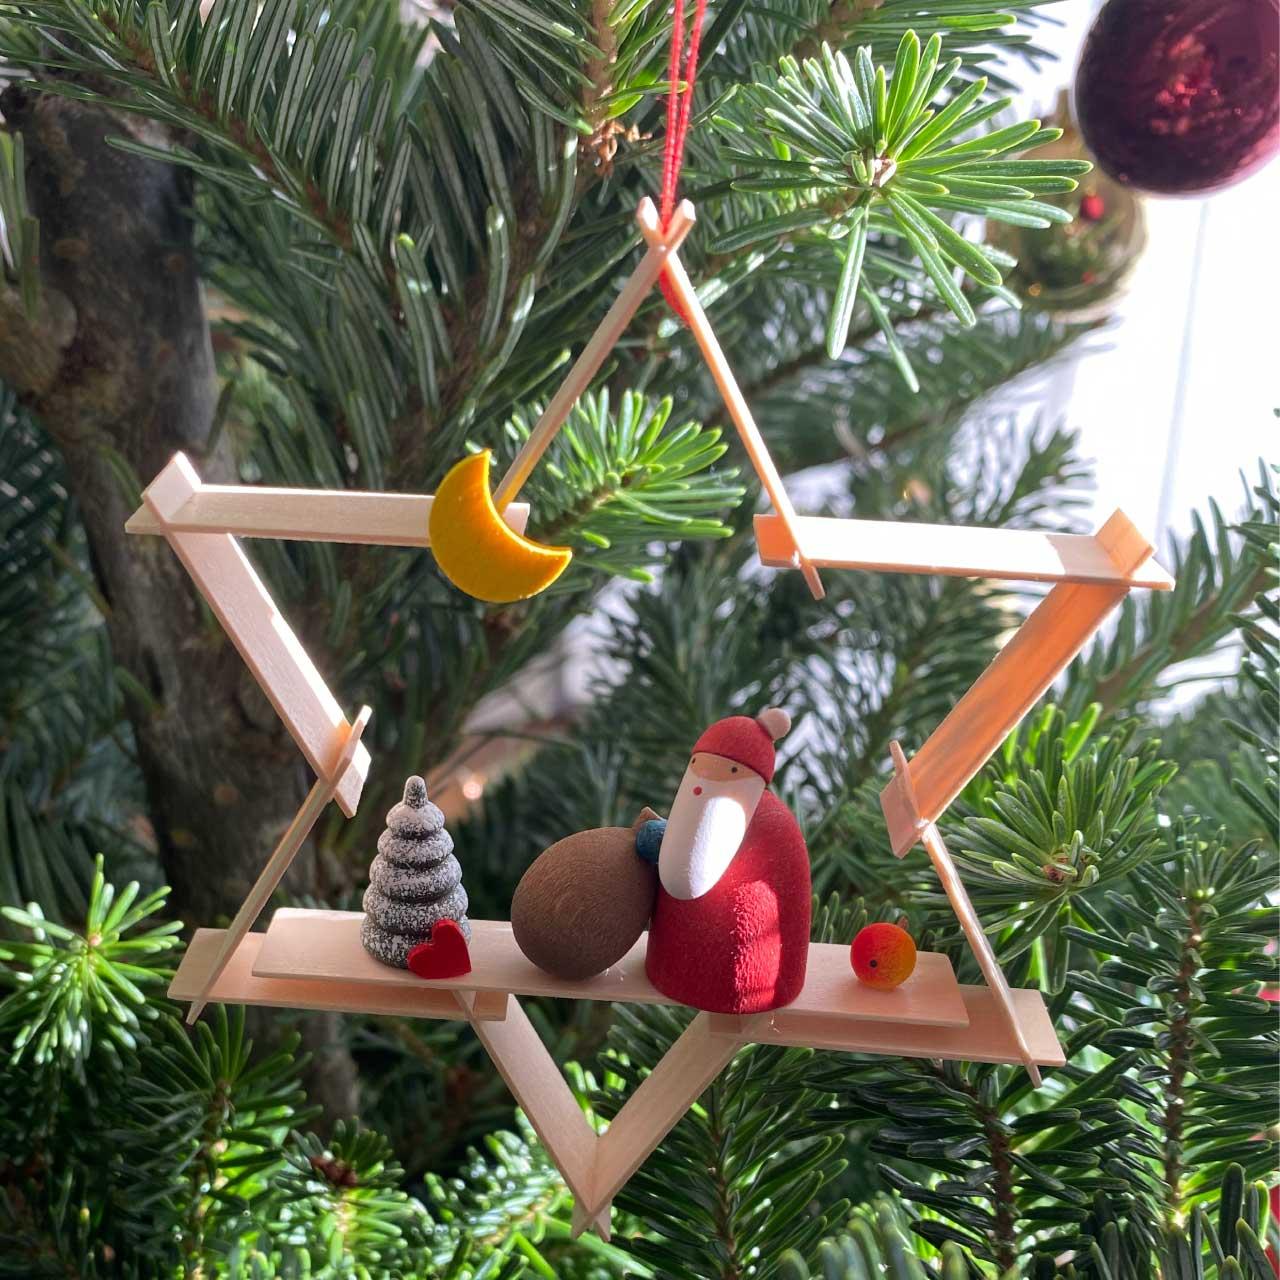 ギュンターライヒェル クリスマスツリーデコレーション サンタクロース